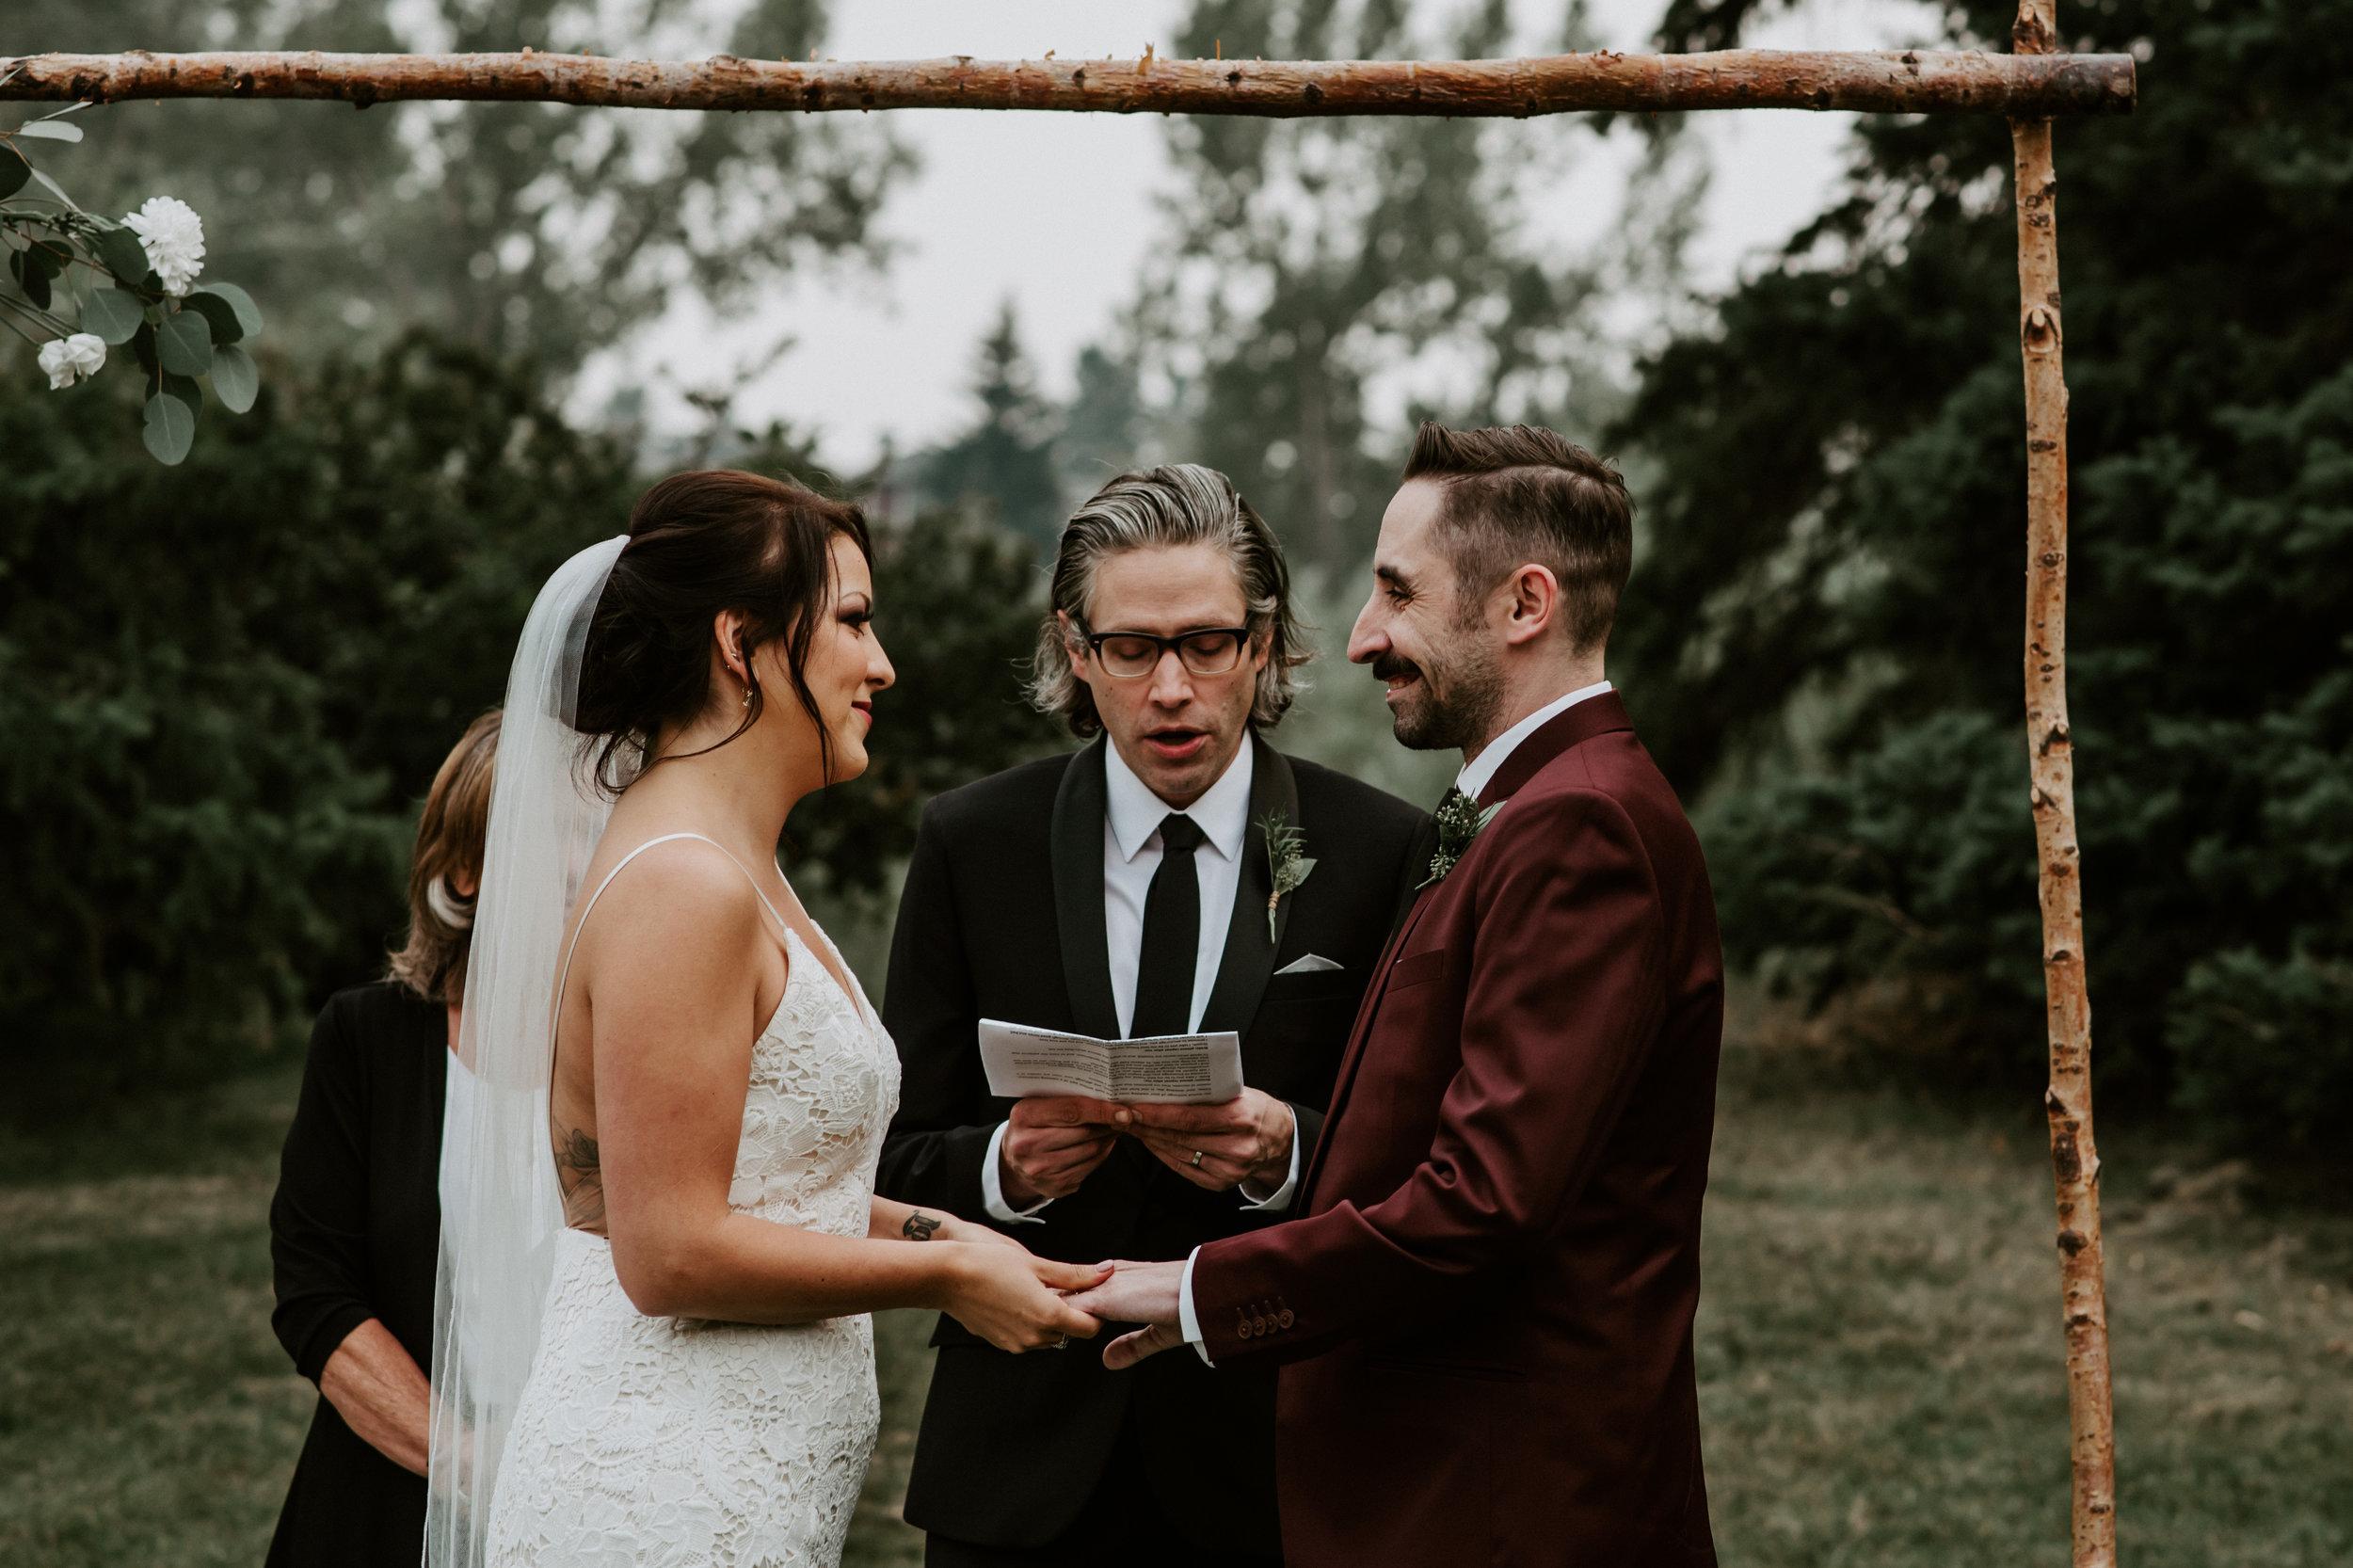 Calgary Wedding Photographer - 25 of 84.jpg